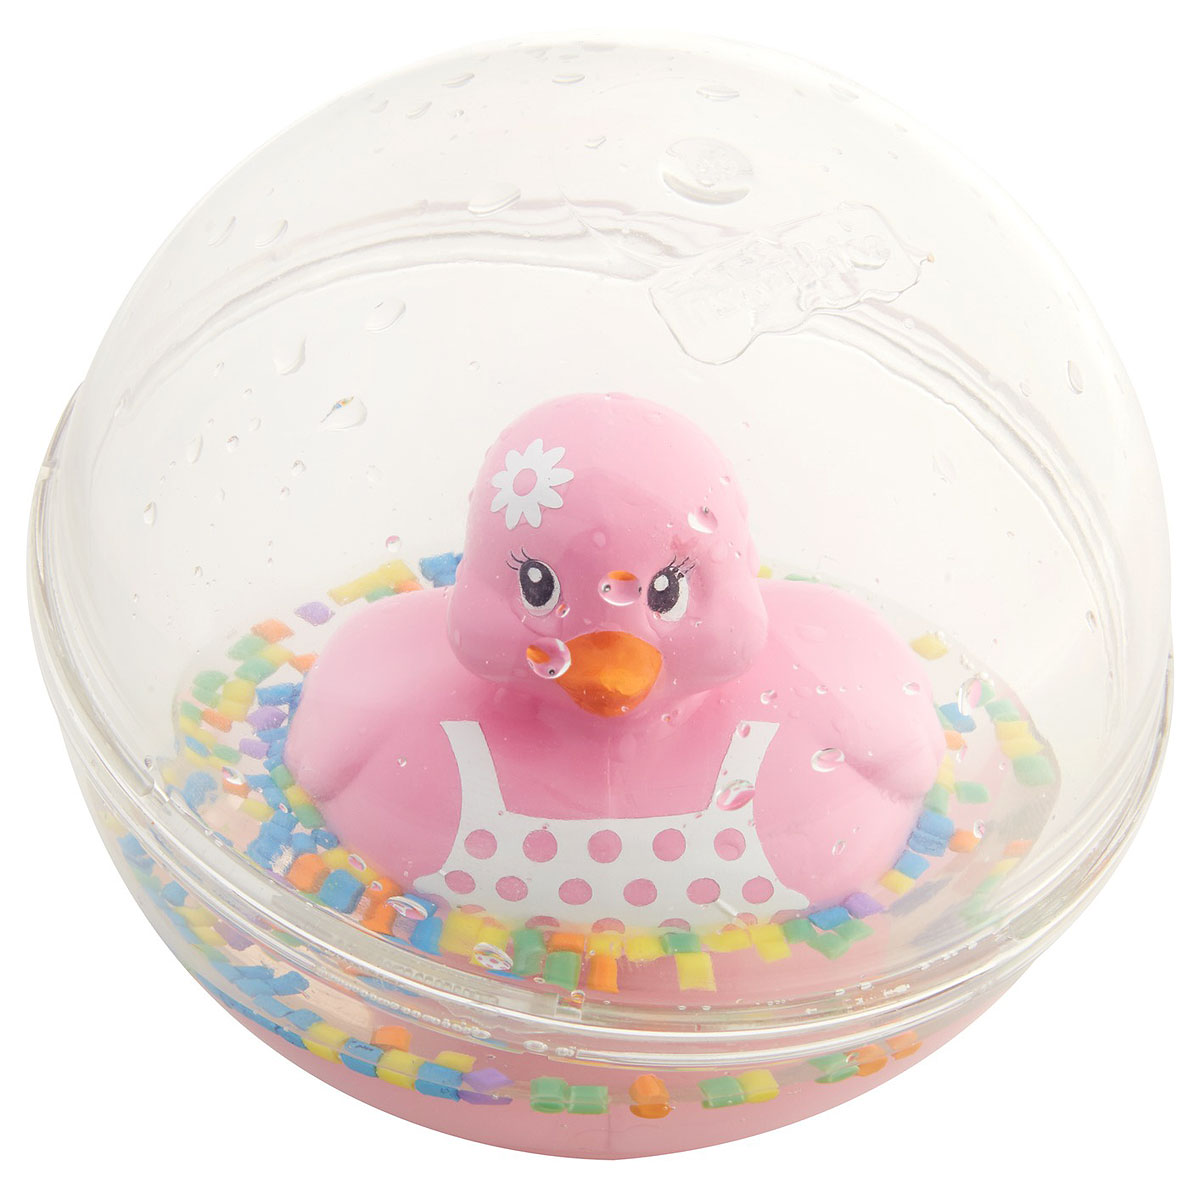 Fisher-Price Развивающая игрушка Уточка цвет розовый развивающая игрушка fisher price машинка с вращающимися кубиками в ассортименте